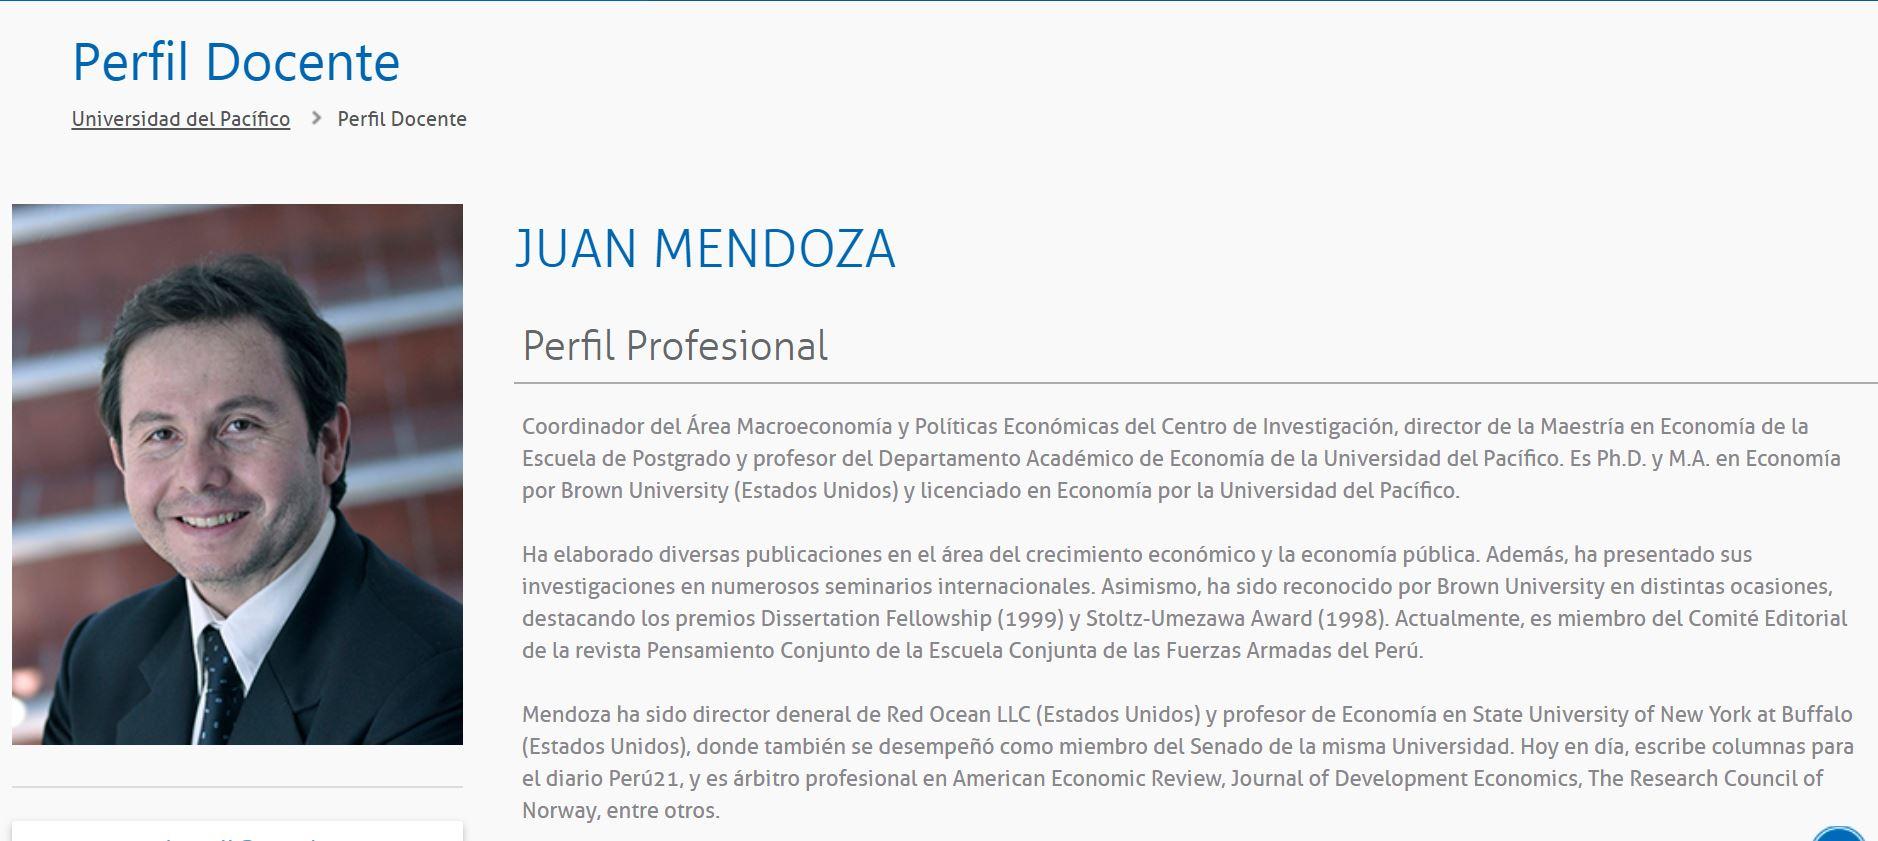 Juan Mendoza es profesor en la Universidad del Pacífico, quienes aún no se pronuncian al respecto. Imagen: UP